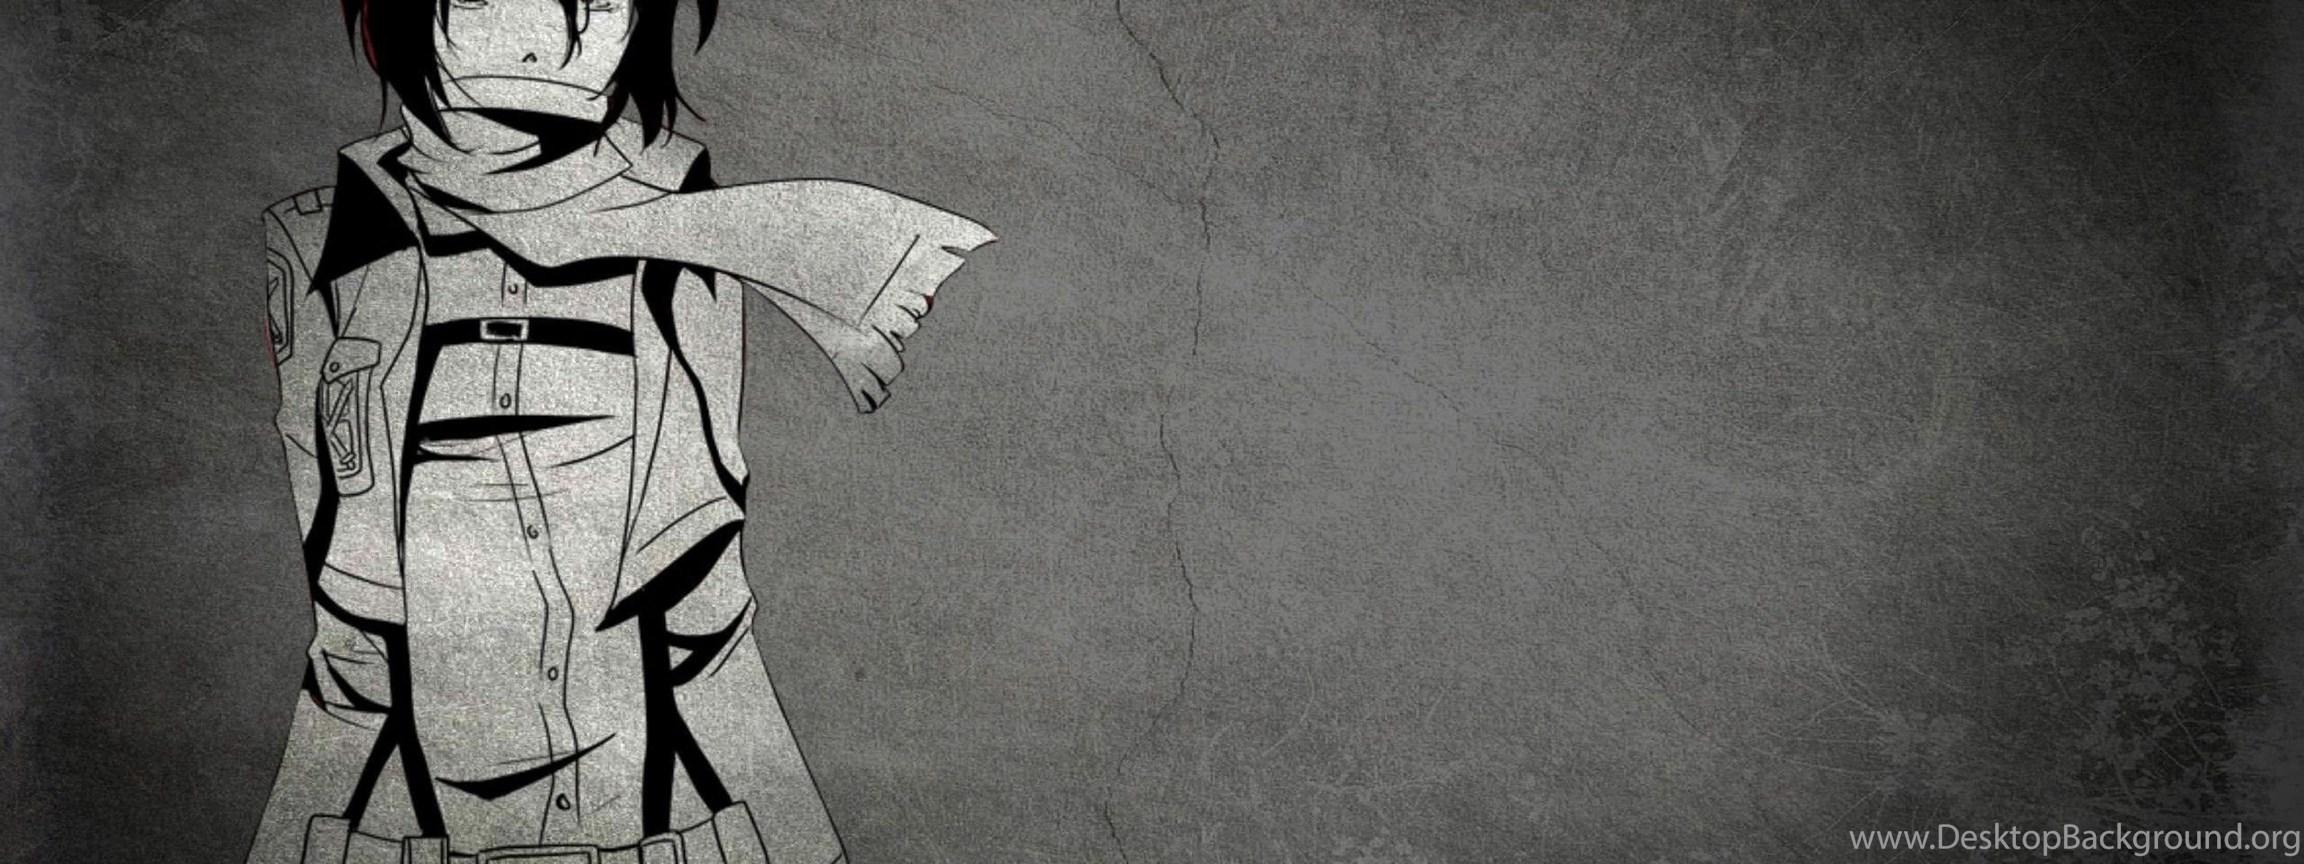 Mikasa Ackerman Shingeki No Kyojin Anime Hd Wallpaper 2560x1600